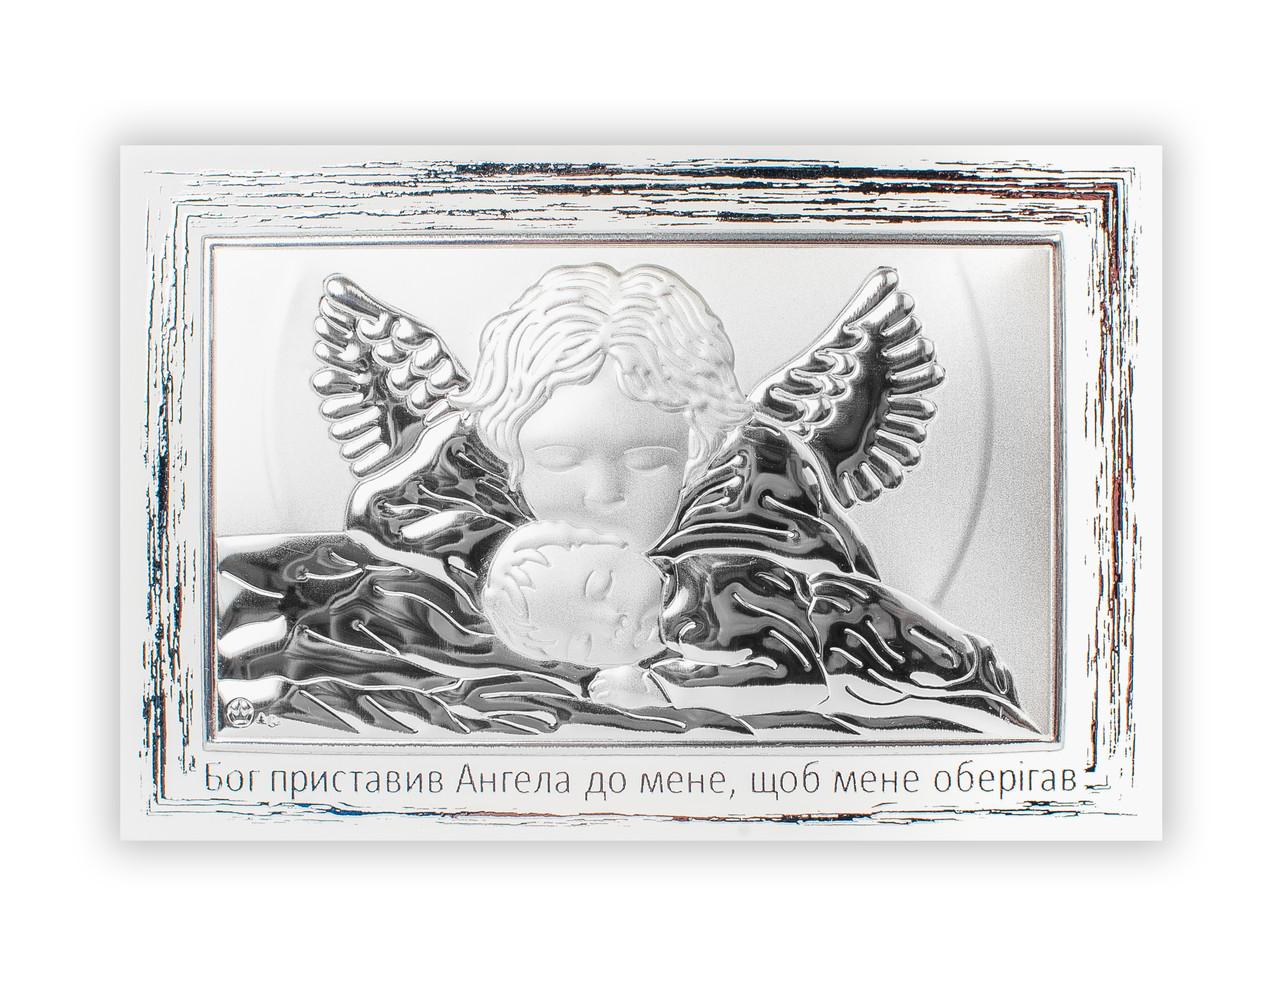 Икона Ангела 9х13,5см в серебре, для подарка ребенку